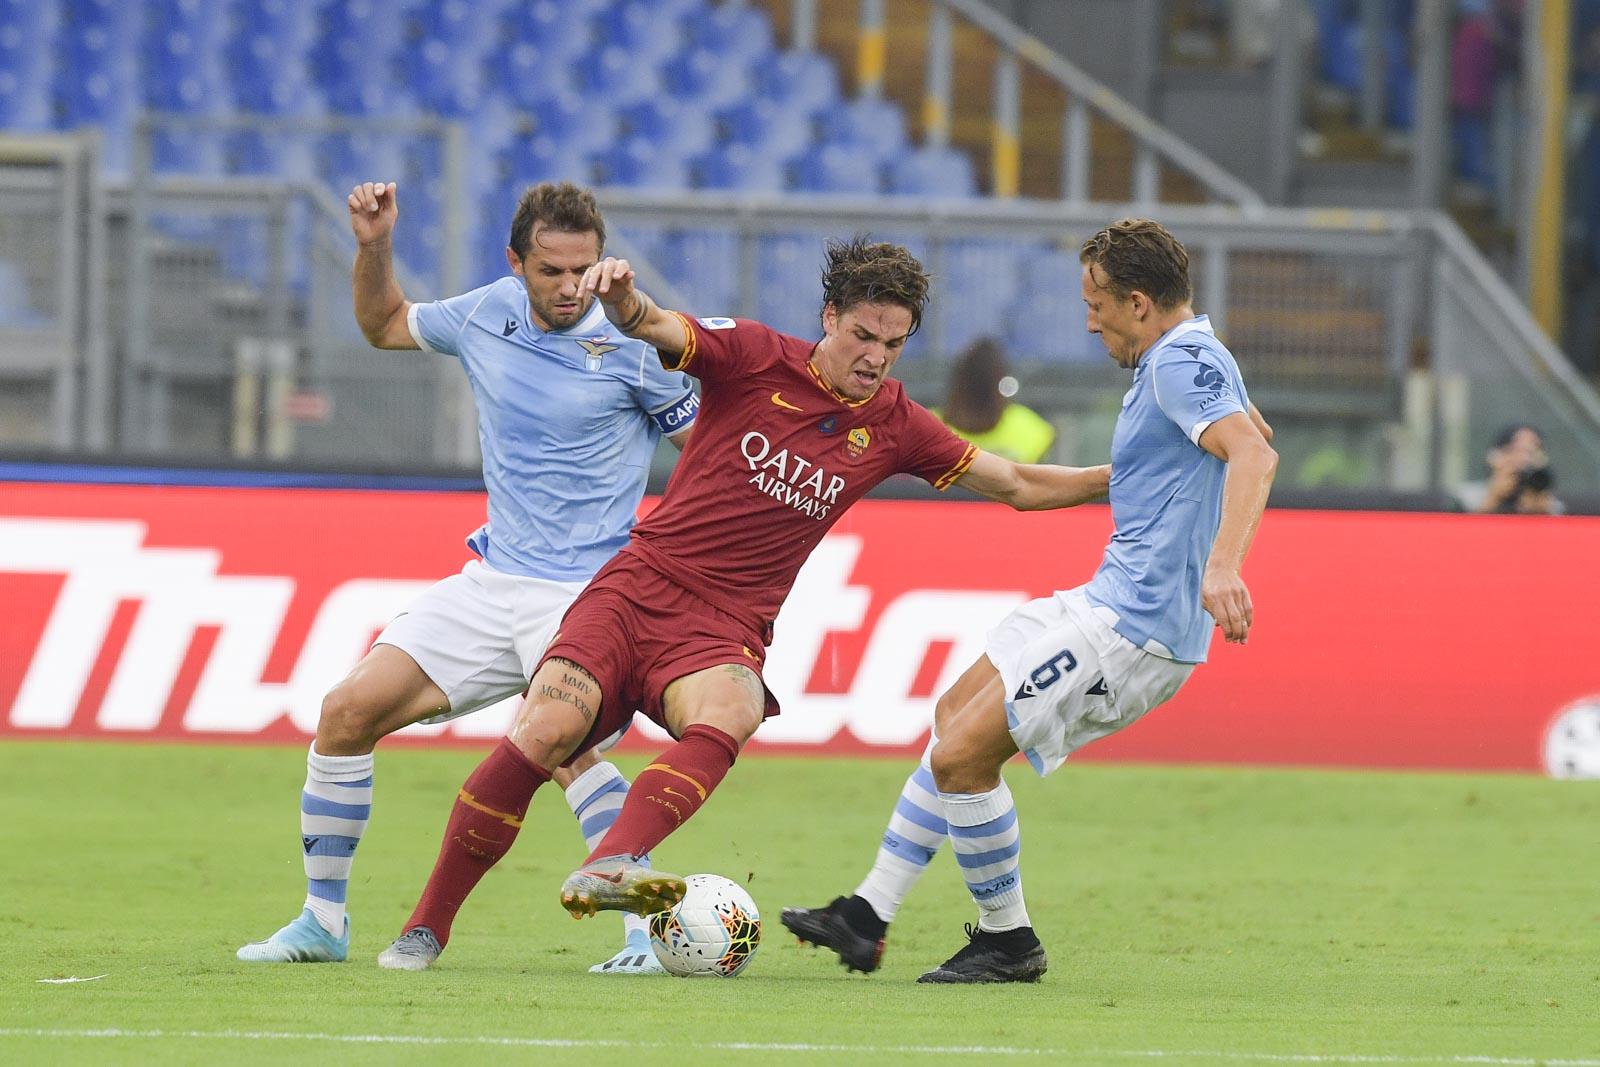 التعادل يحسم ديربي لاتسيو وروما في الدوري الإيطالي